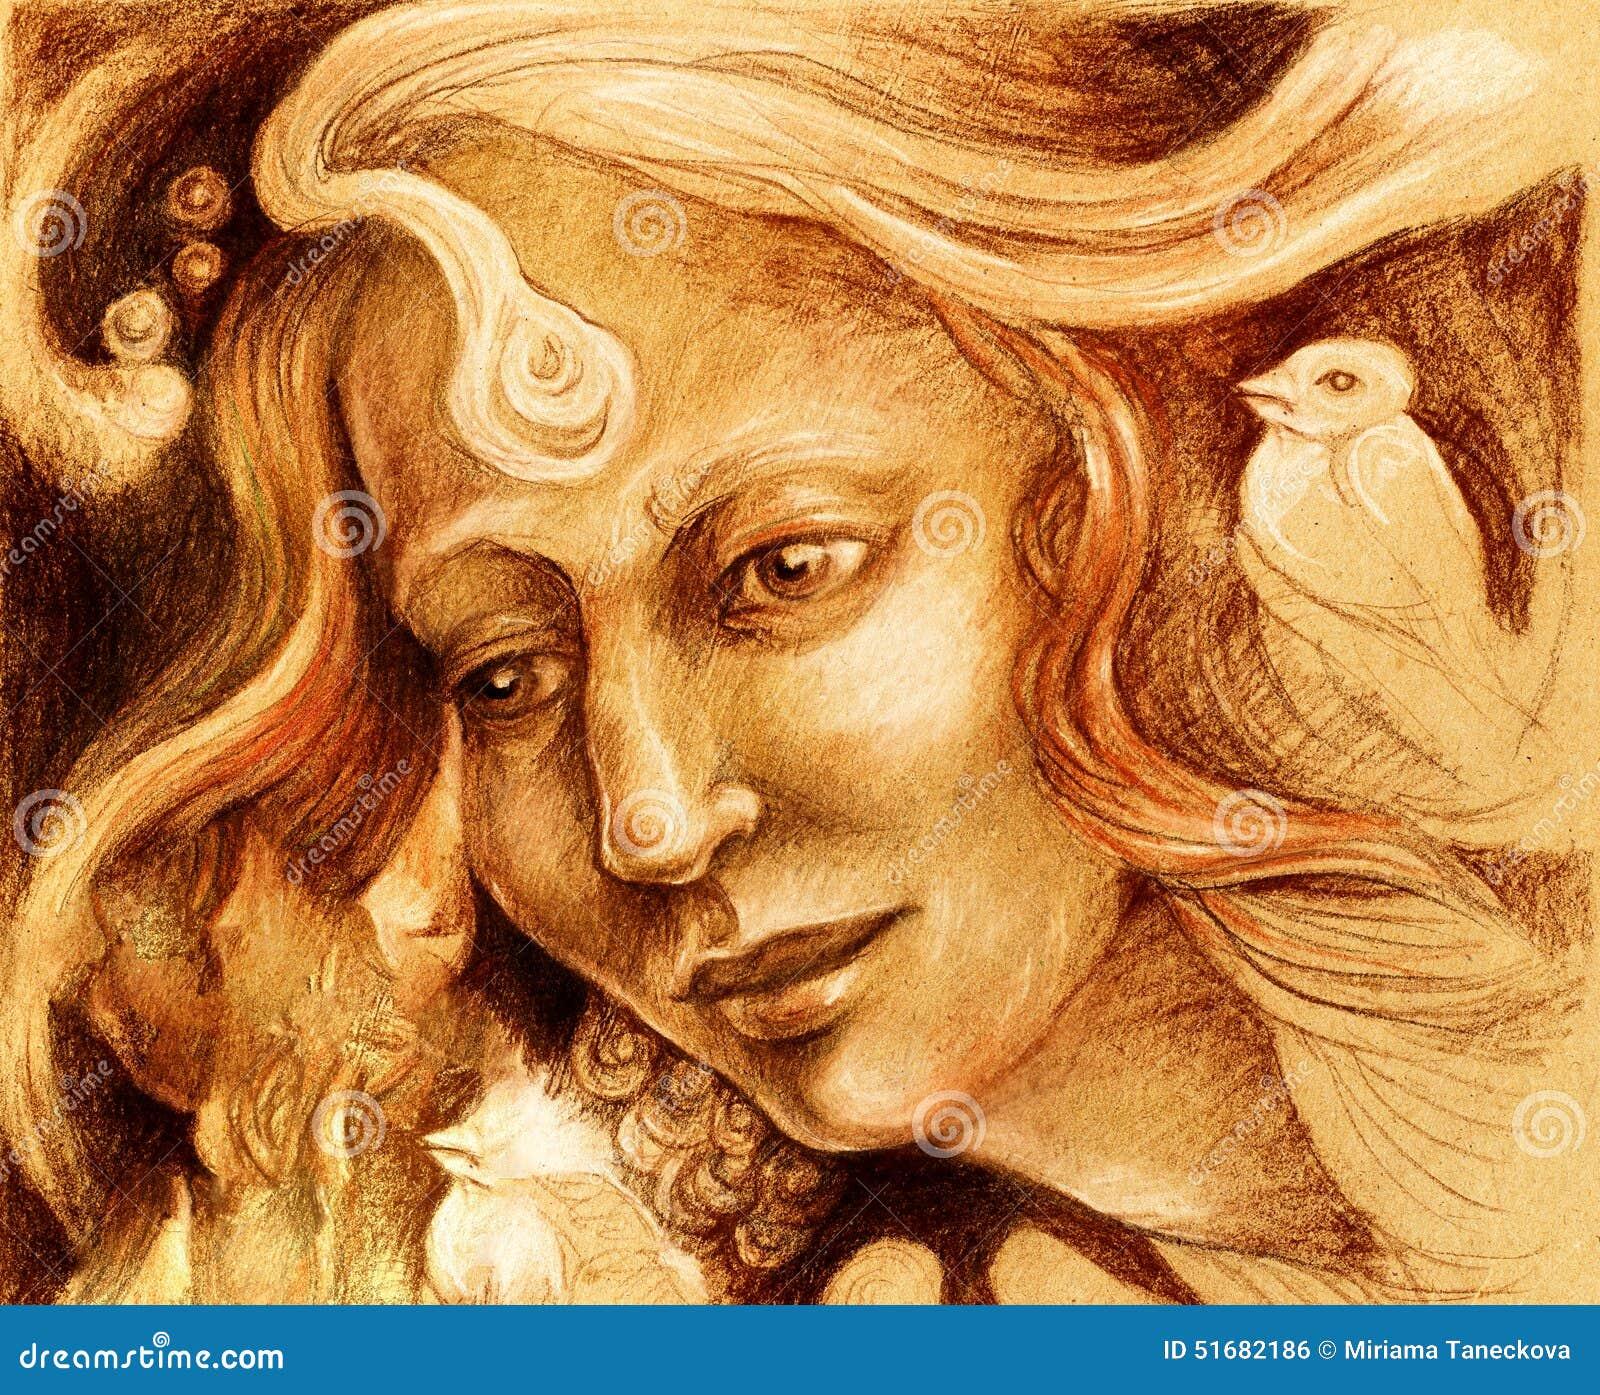 Dessin f erique de visage de femme portrait monochromatique de profil de s pia illustration - Visage profil dessin ...